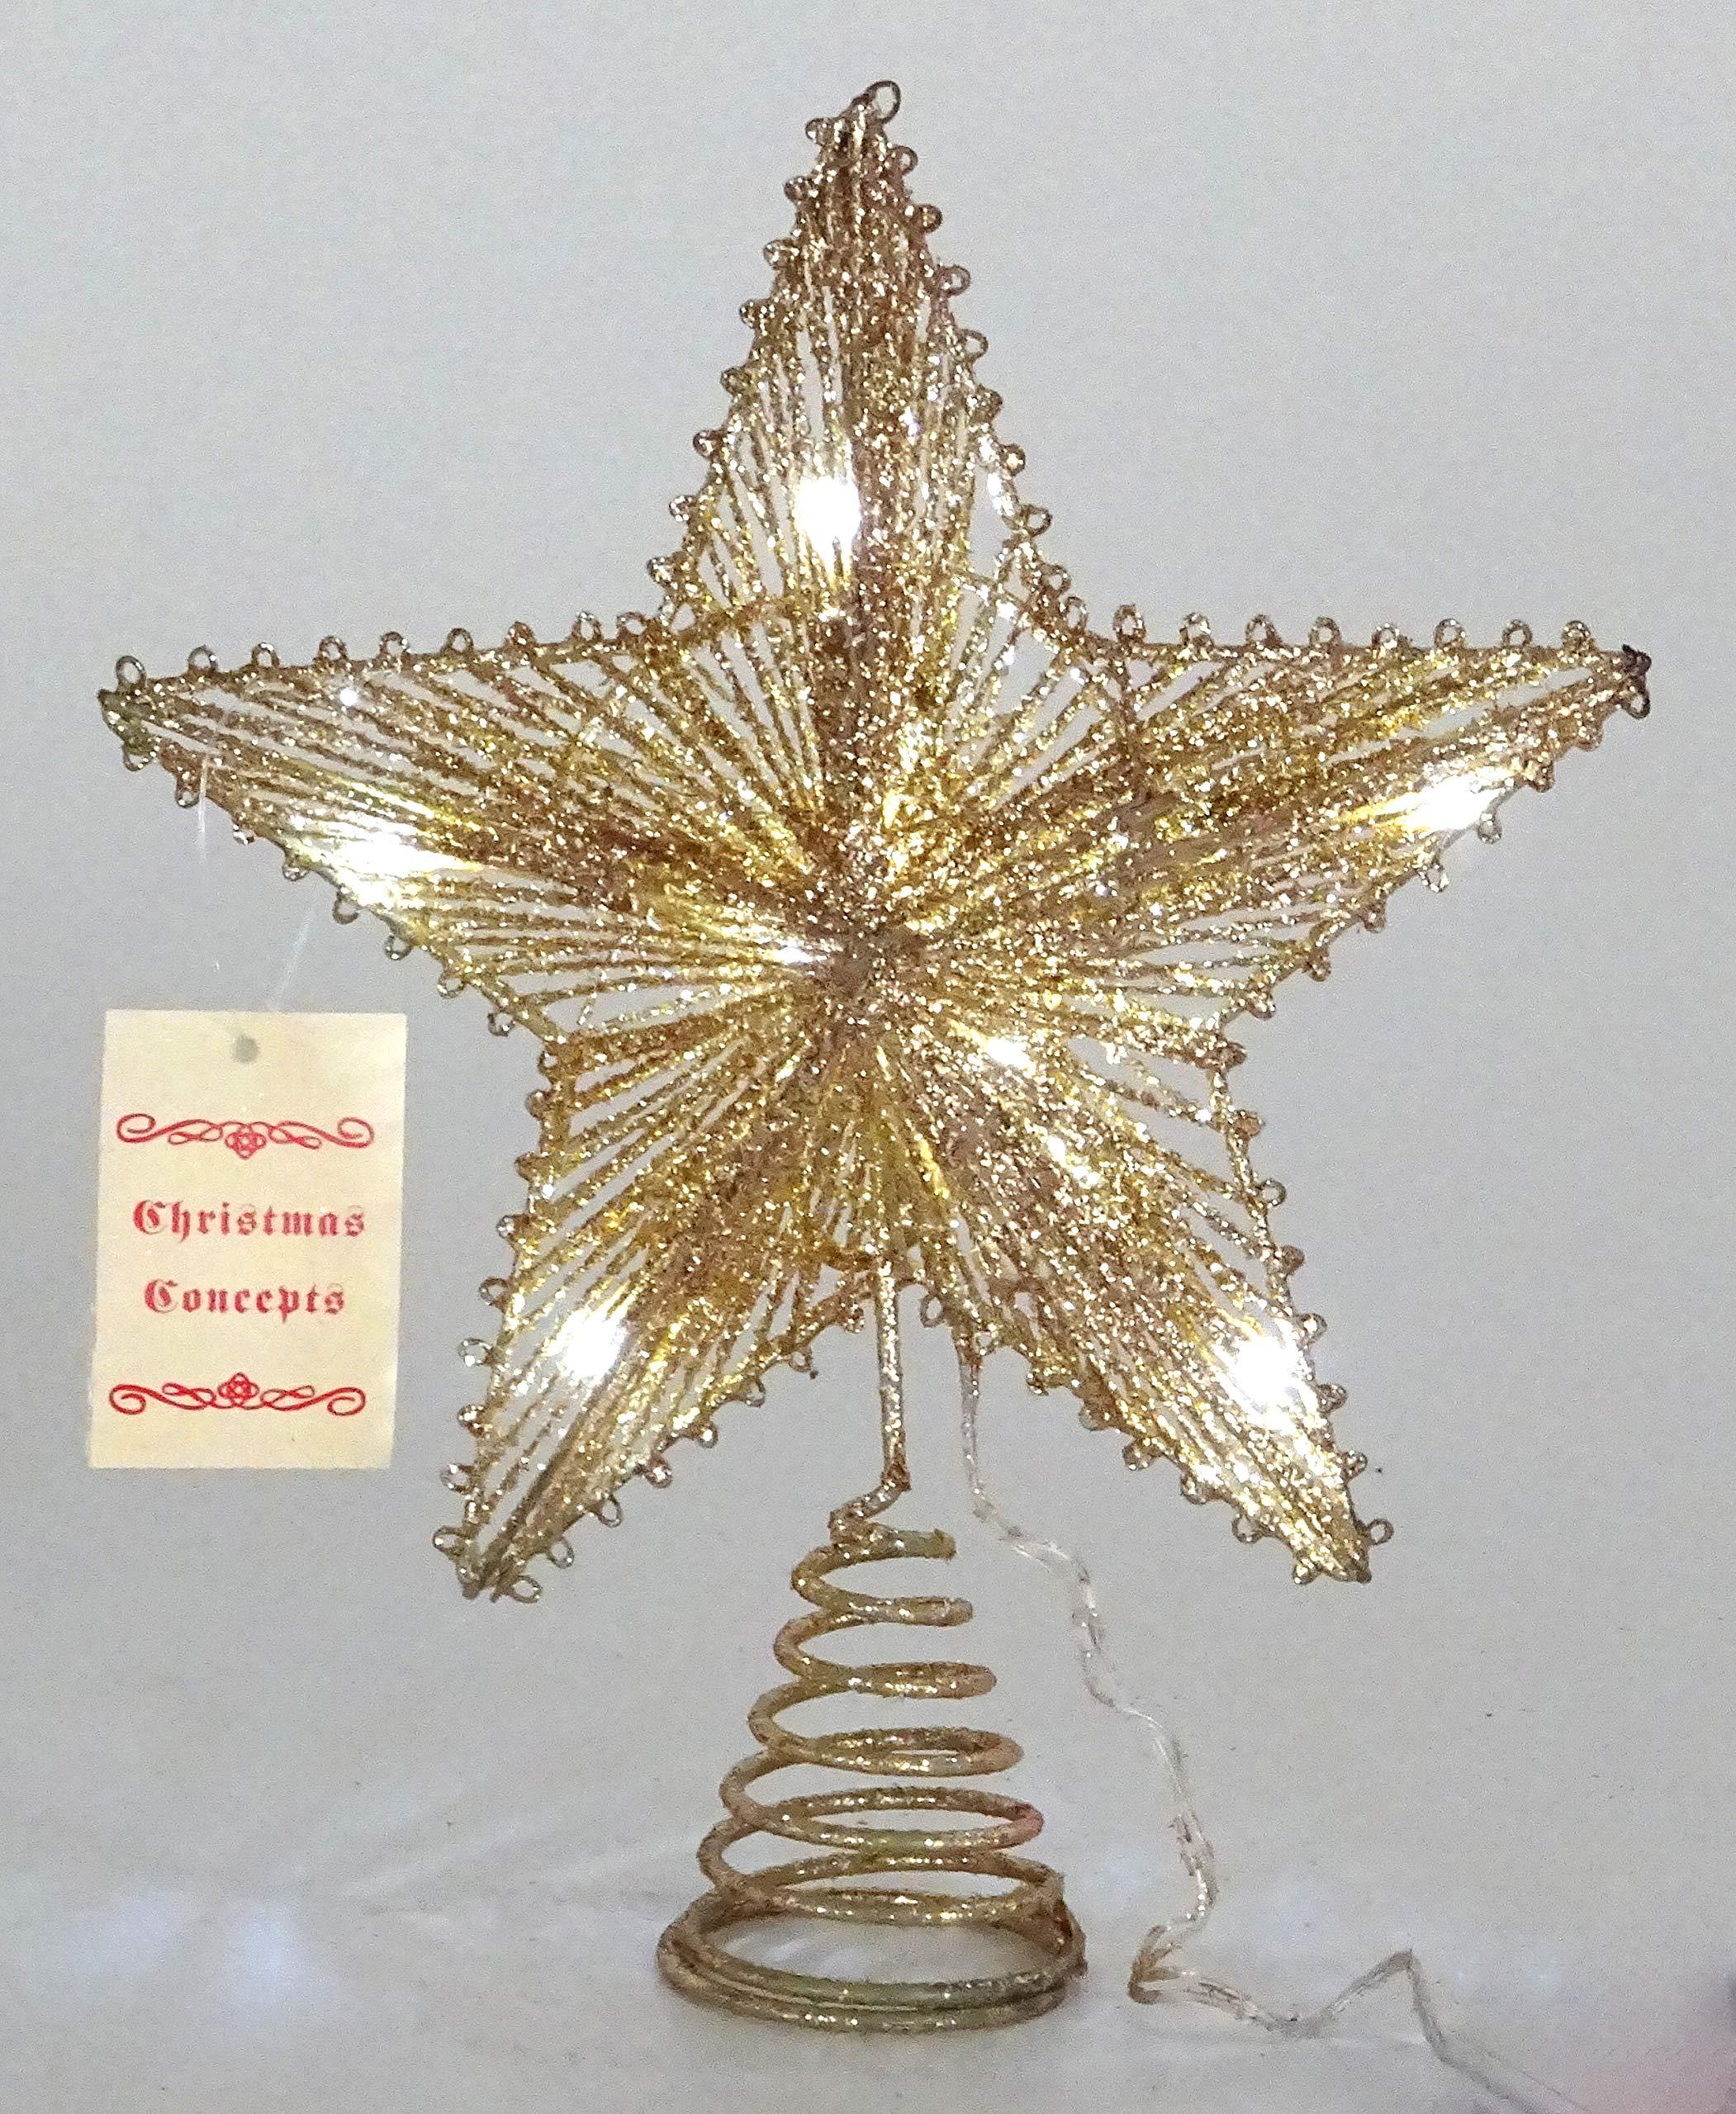 Christmas-Concepts-10Springy-Star-mit-LED-Leuchten-Christbaumspitzen-SternWeihnachtsdekoration